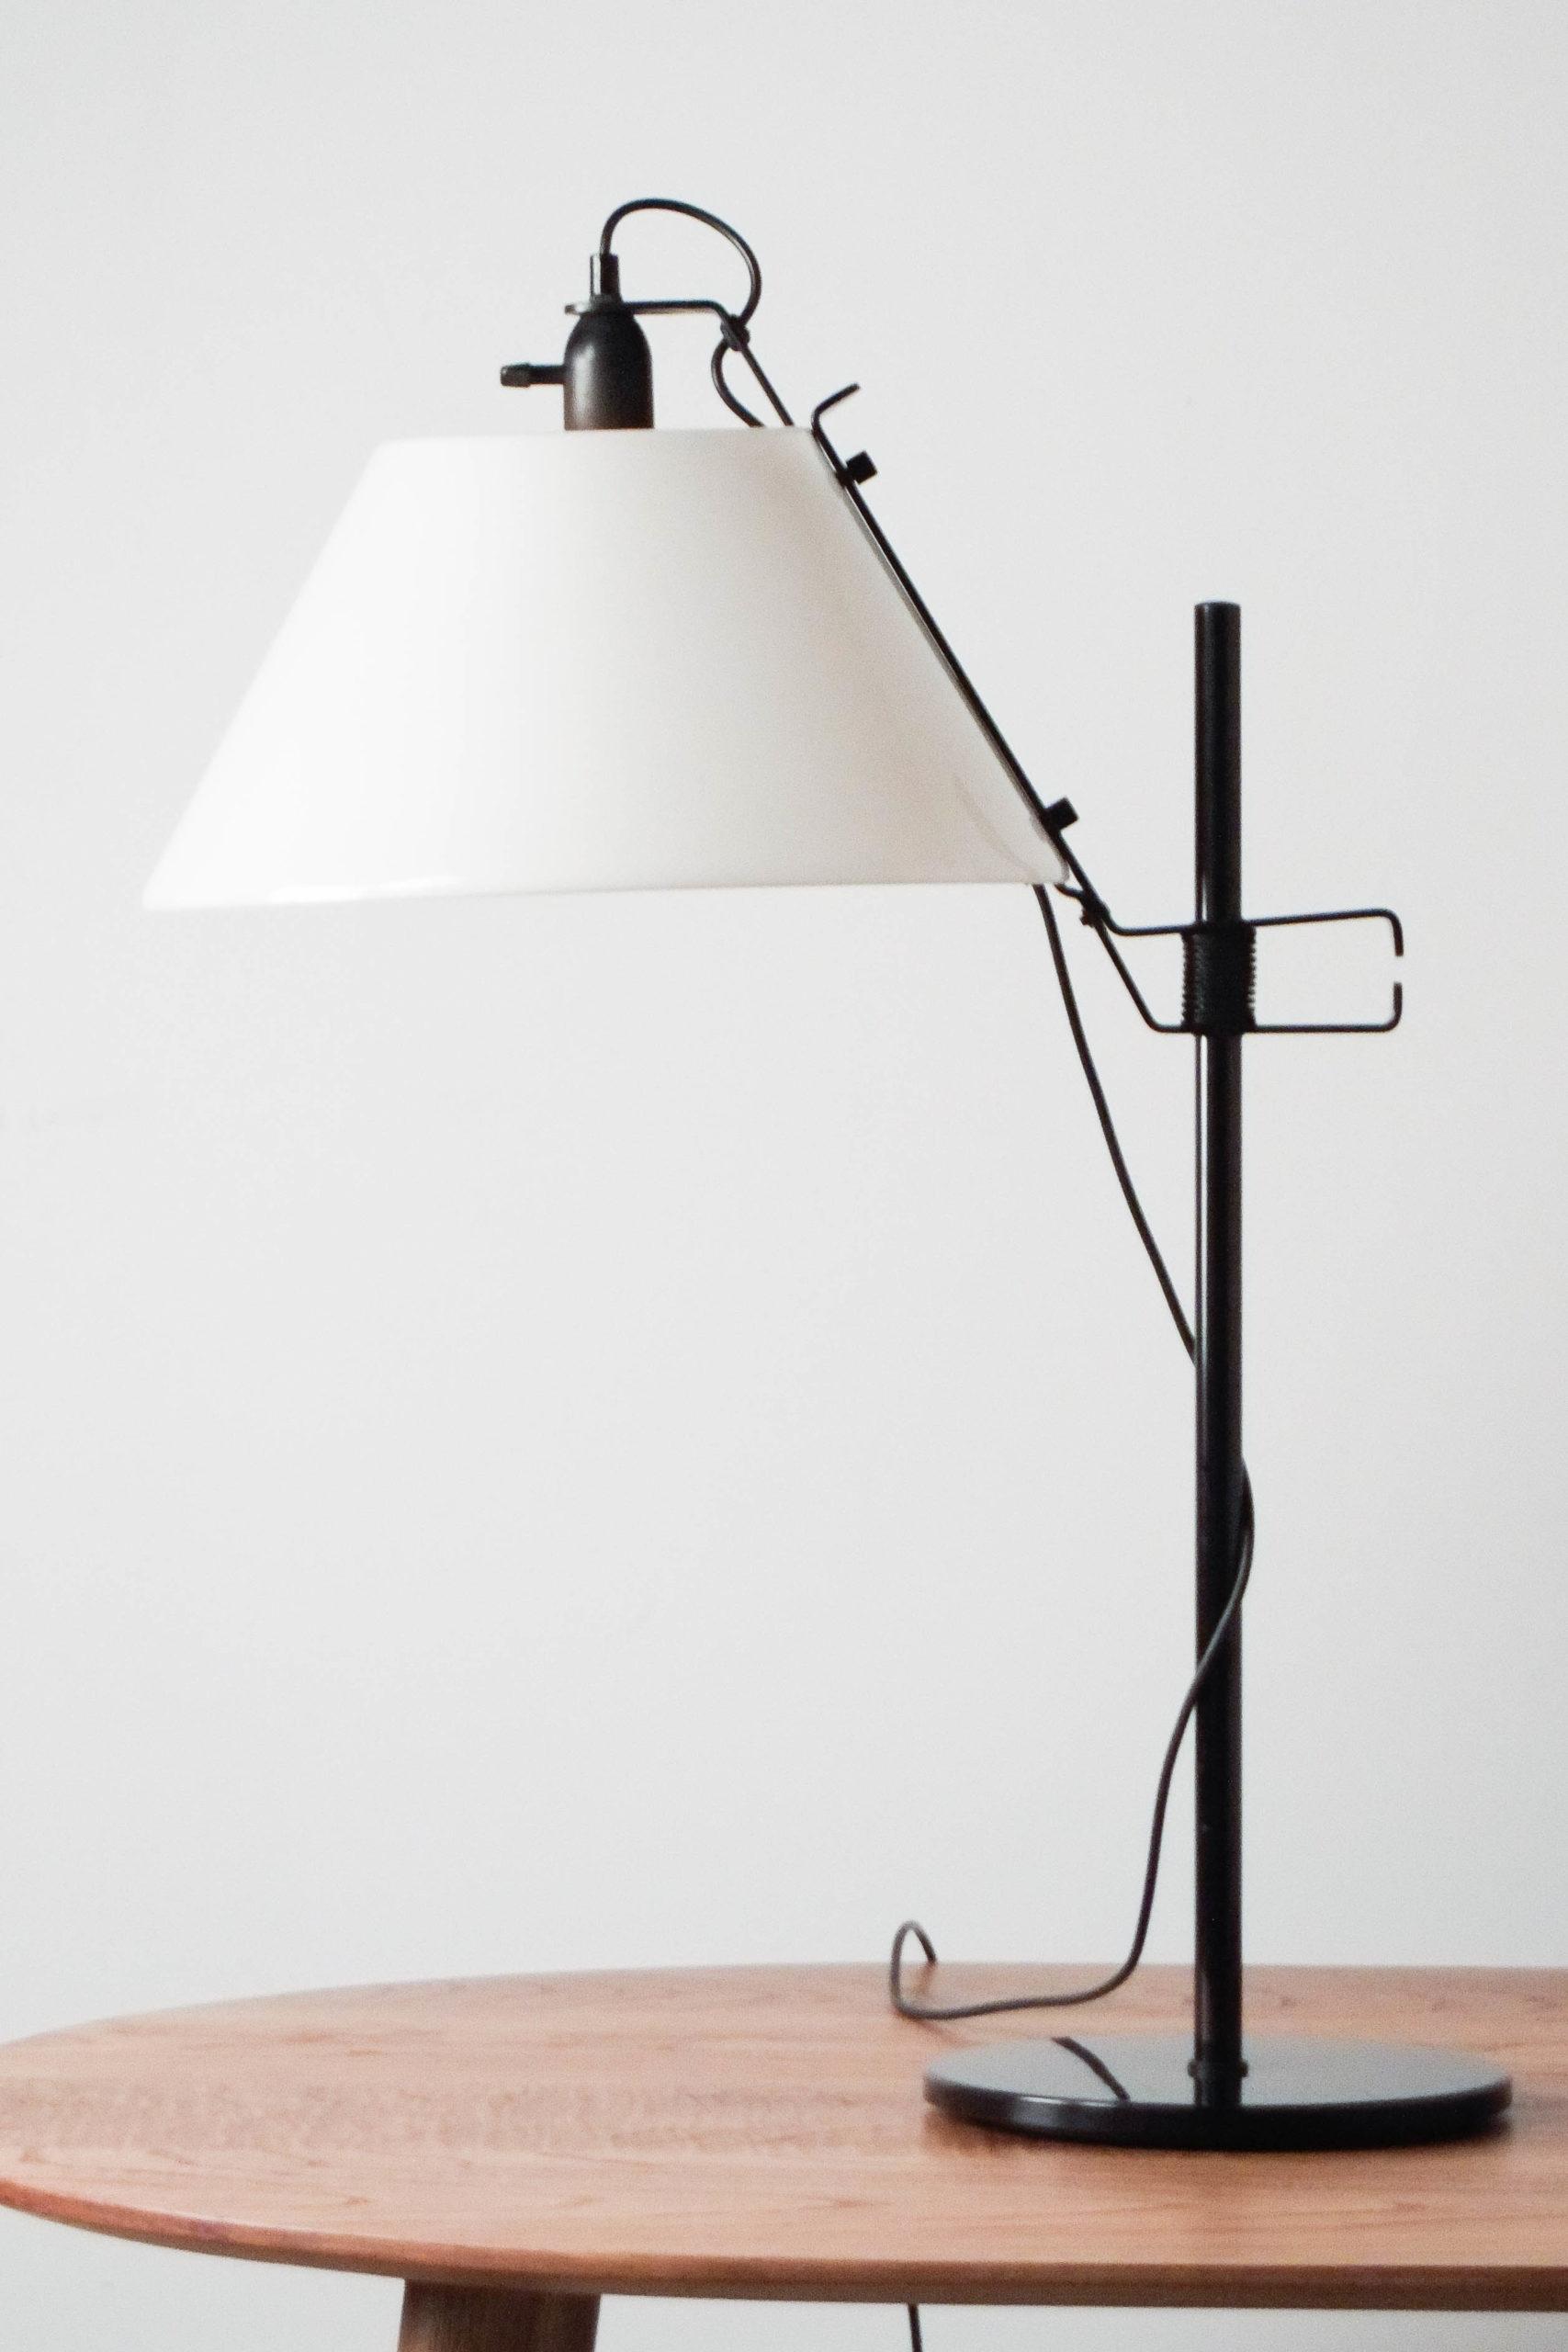 bonita lampara de mesa negra pantalla opaca blanca